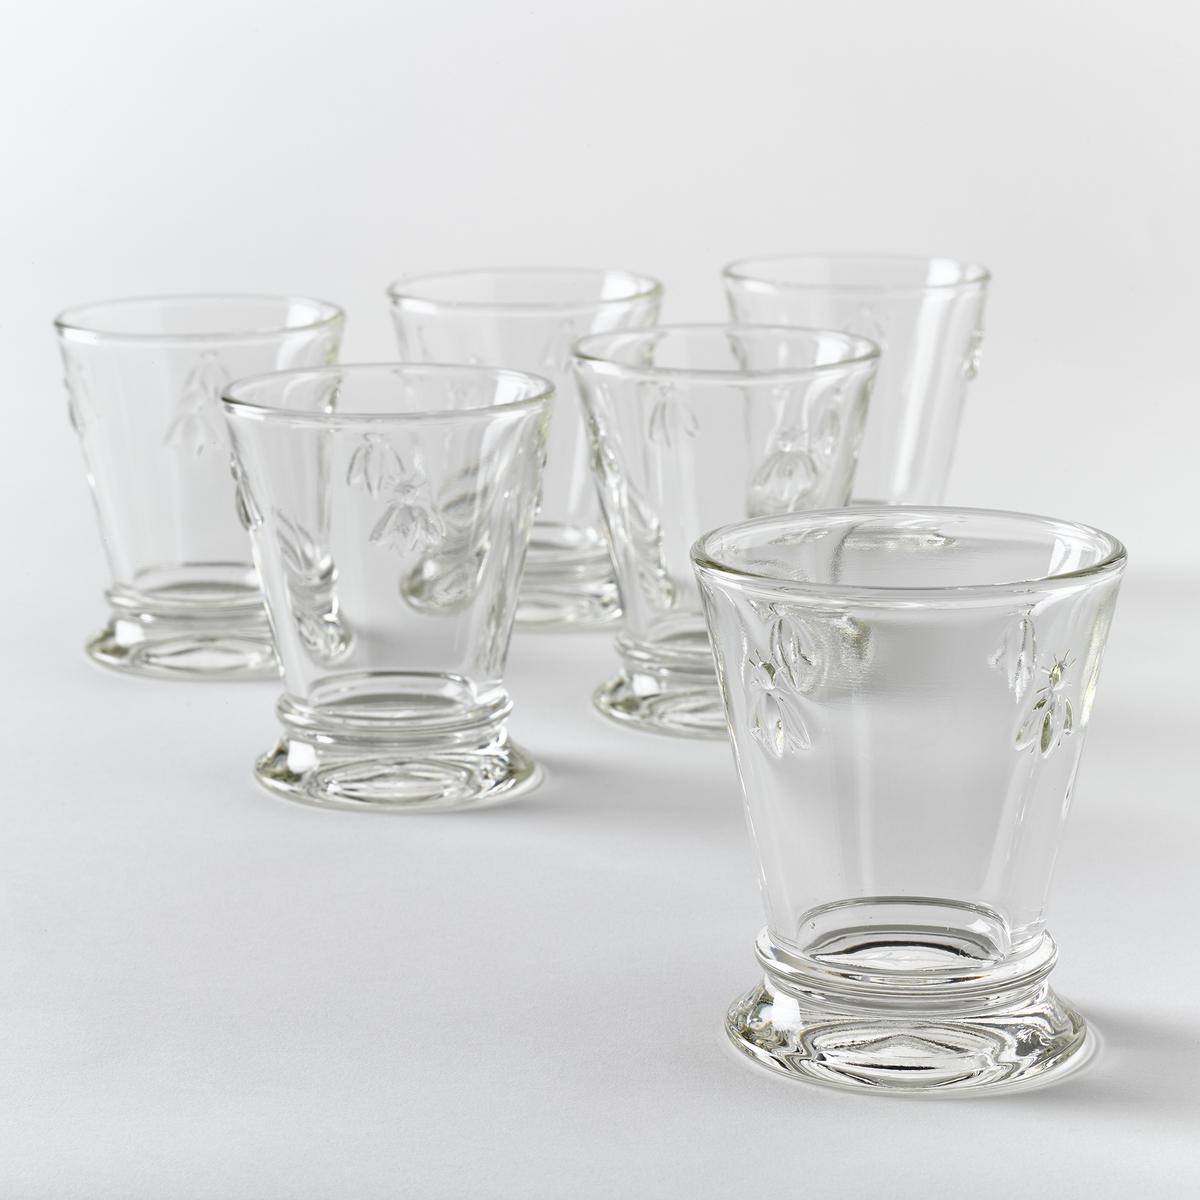 Комплект из 6 стаканов для водыLa Redoute<br>Комплект из 6 стаканов для воды с рисунком пчёлы: элегантные стаканы для Вашего изысканного стола. Характеристики:- очень прочное прессованное стекло- декорированы рисунком 4-х пчёл.- Объём: 270 мл.- Диаметр 9 x Выс. 10,30 см.- Можно использовать в посудомоечных машинах.- Произведено во Франции.Вы можете подобрать подходящие винные бокалы на сайте laredoute.ru.<br><br>Цвет: стеклянный прозрачный<br>Размер: единый размер